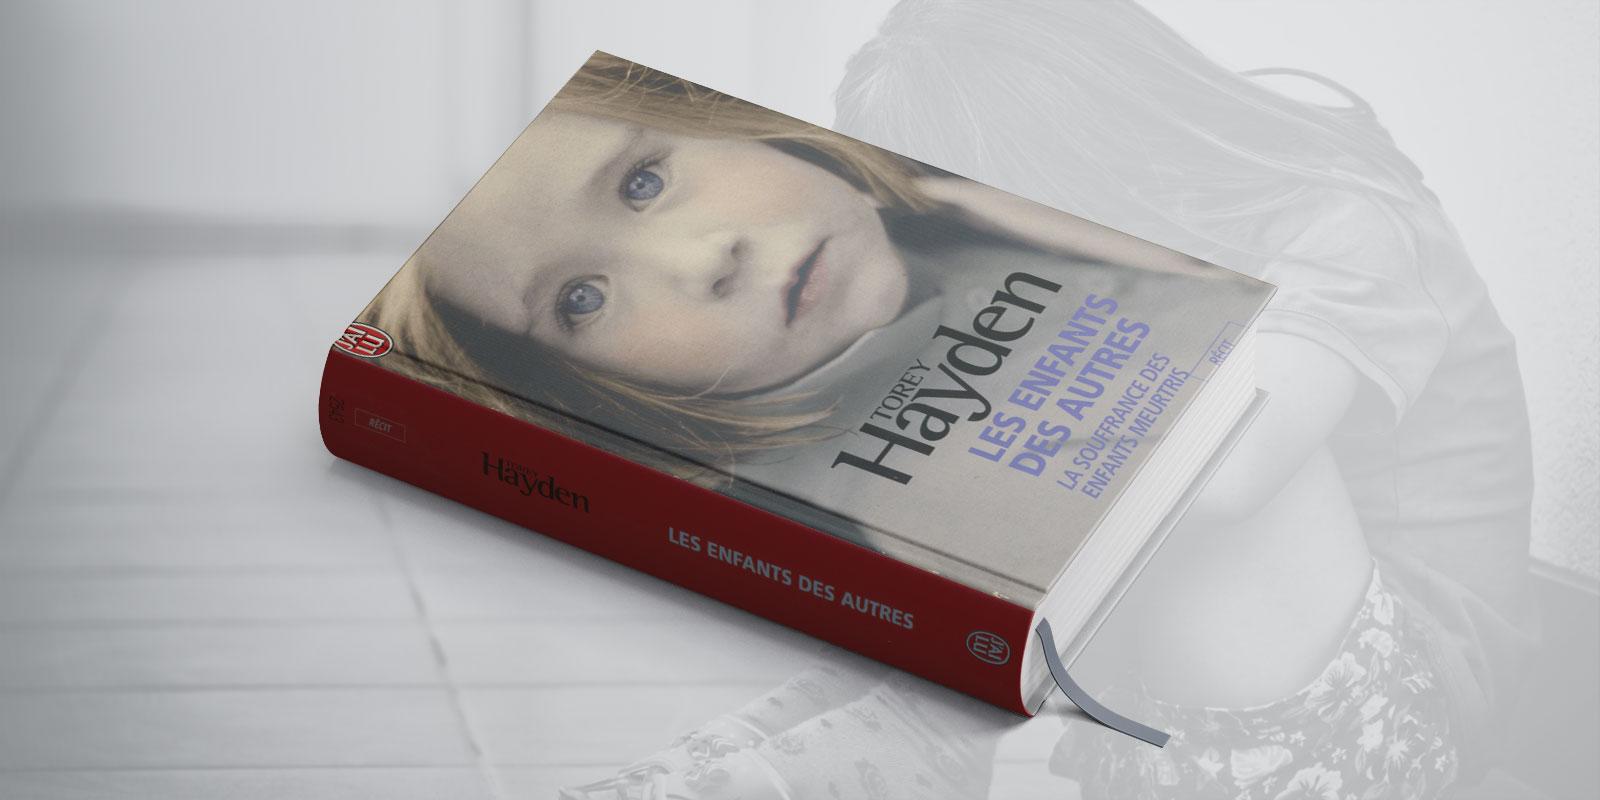 Les enfants des autres de Torey Hayden : la souffrance des enfants meurtris